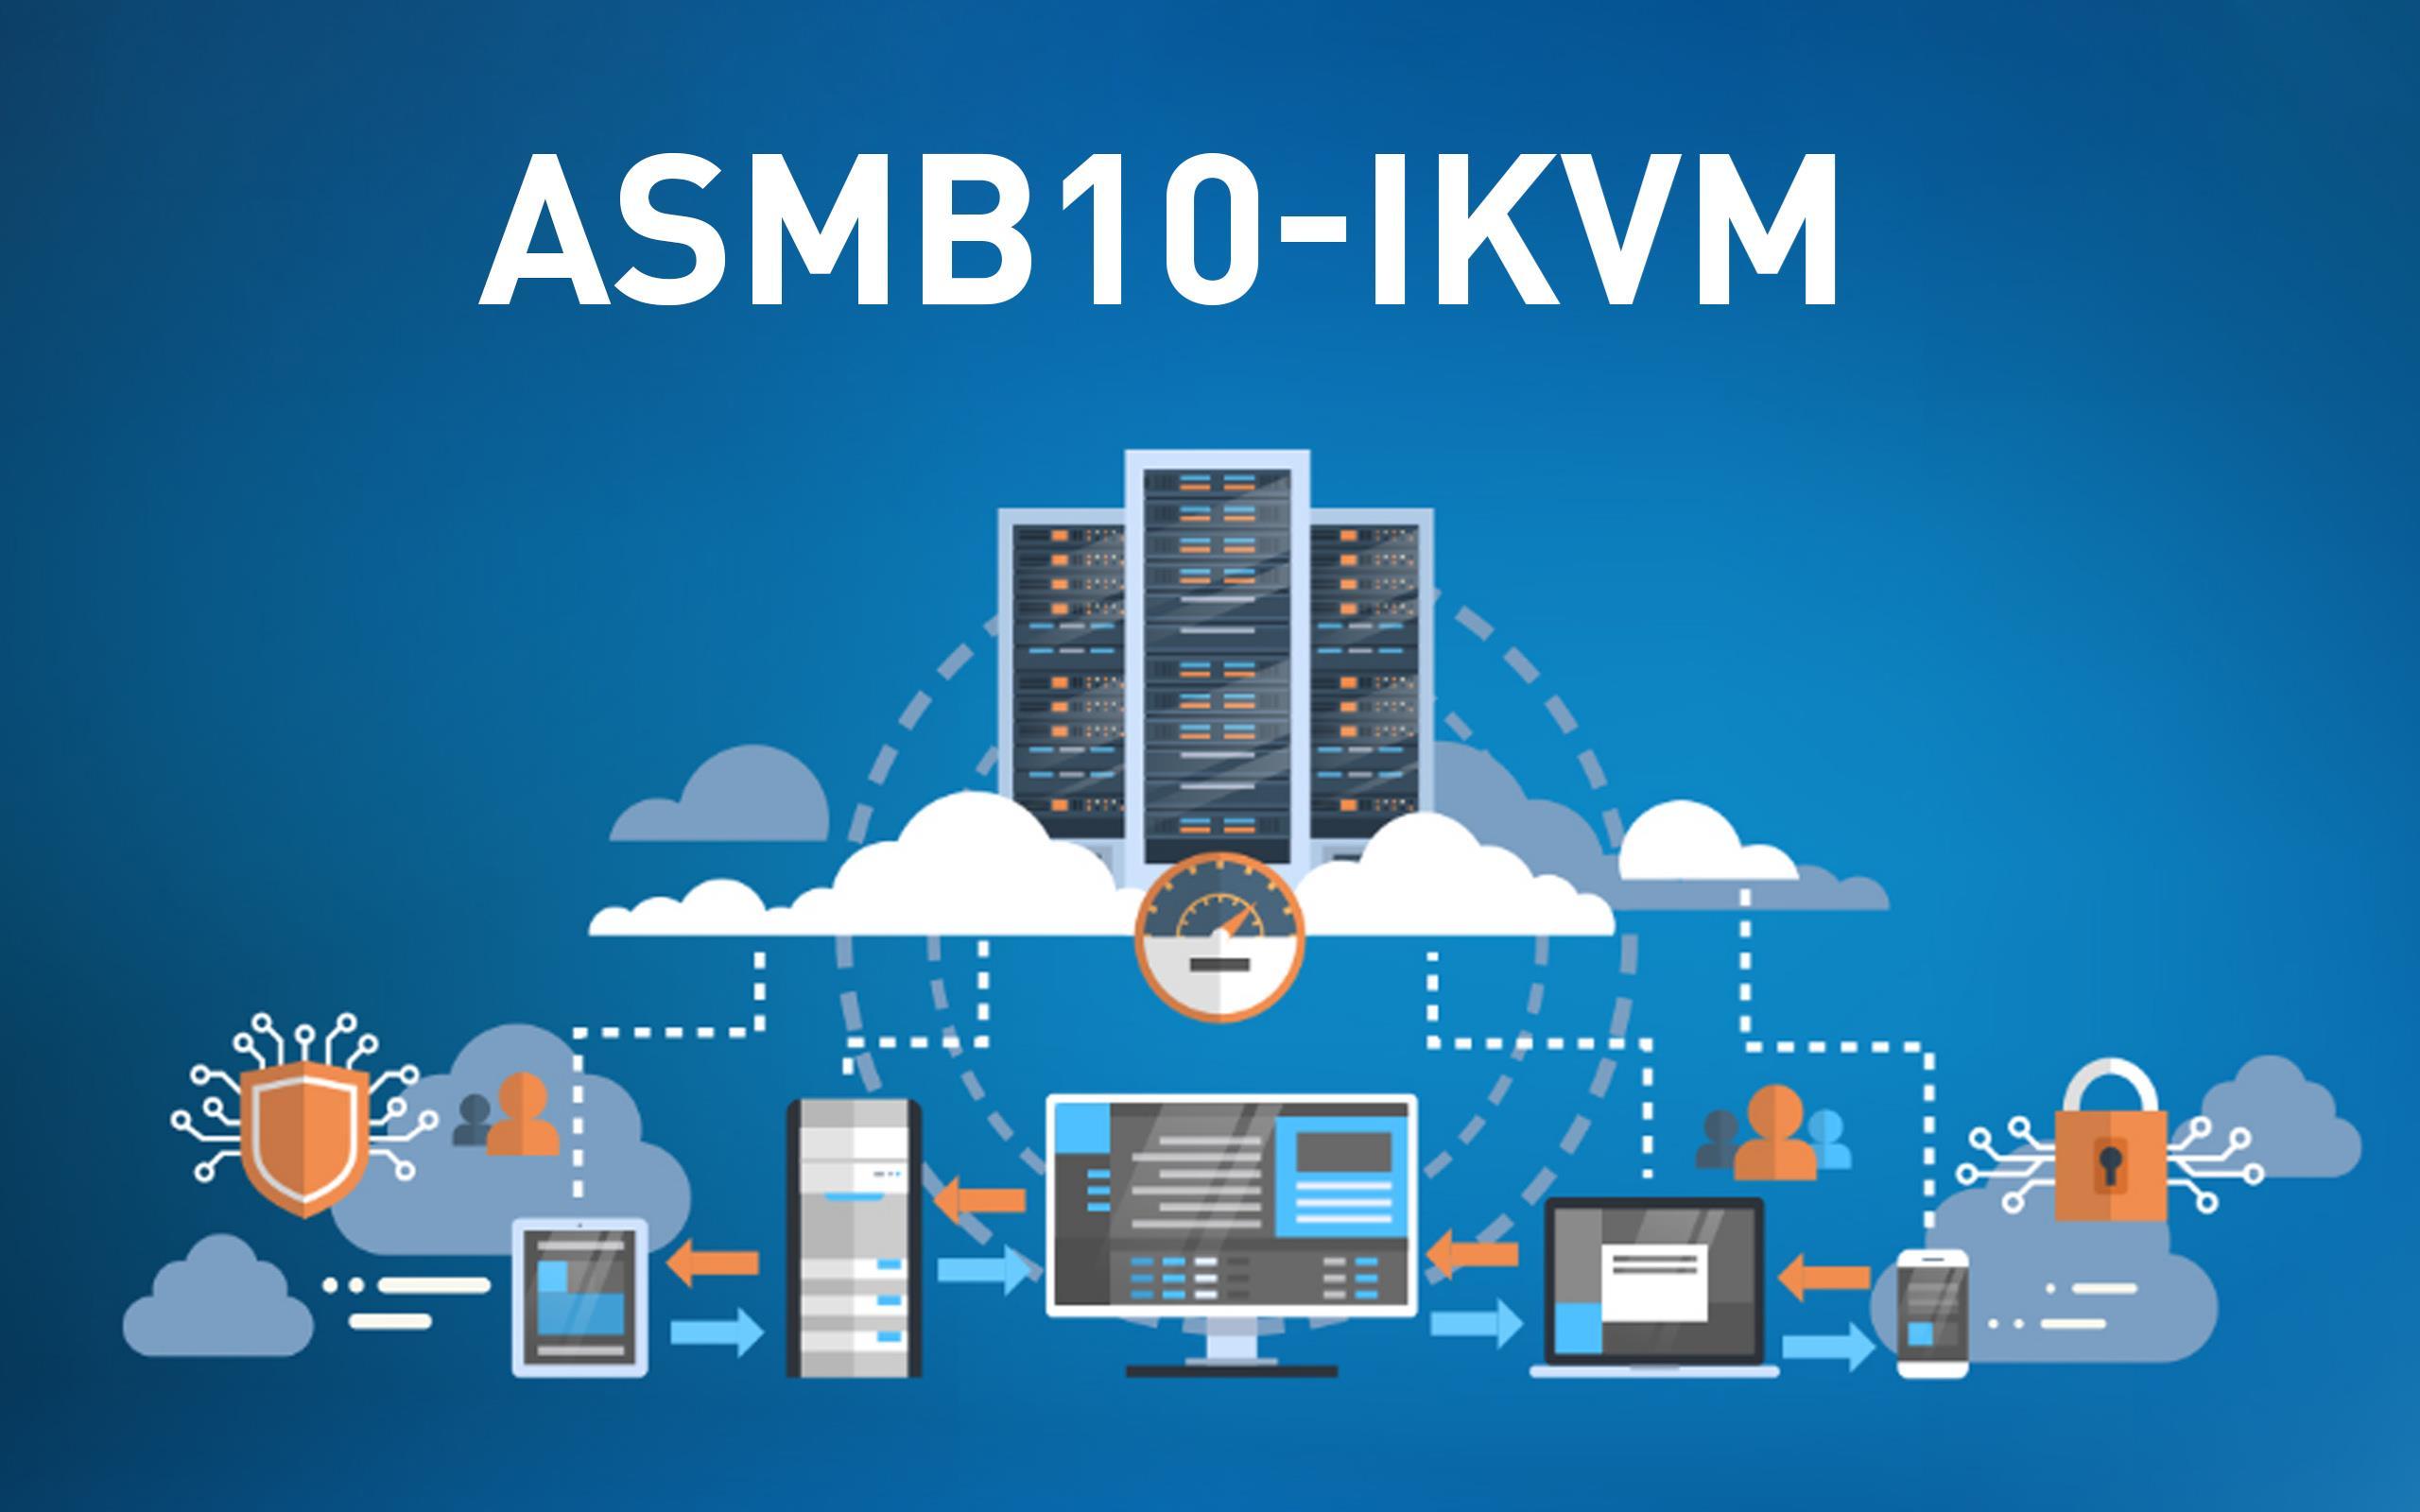 ASMB10-iKVM